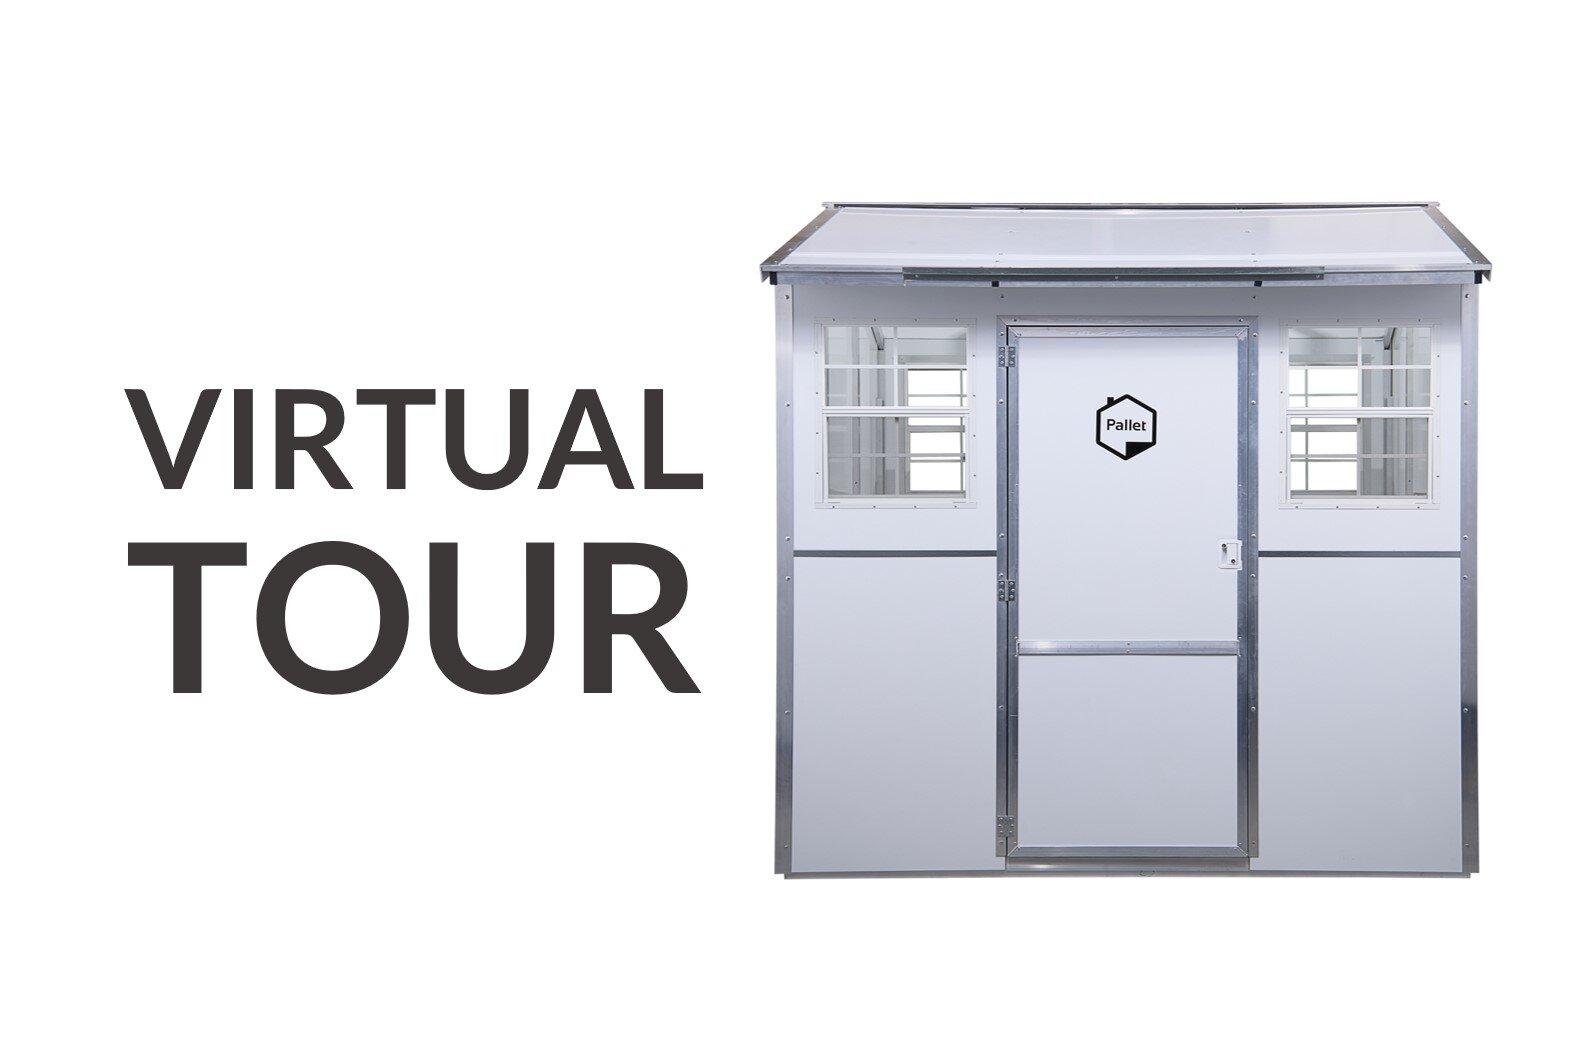 virtualtour_preview_1.jpg